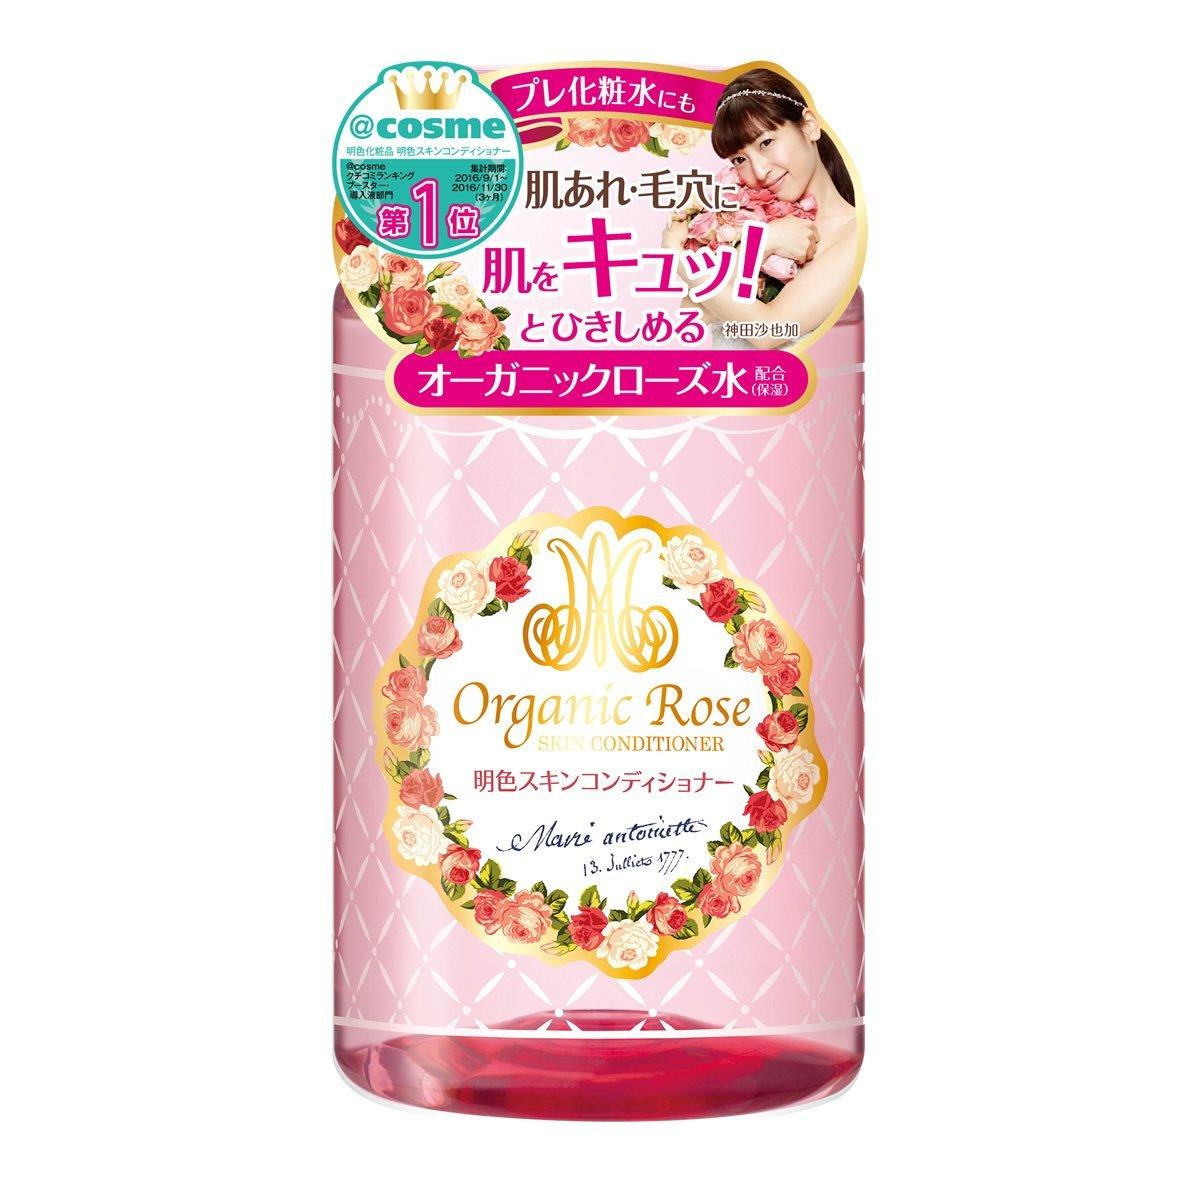 収れん化粧水で毛穴をしっかり引き締めよう!人気の収れん化粧水はこちら